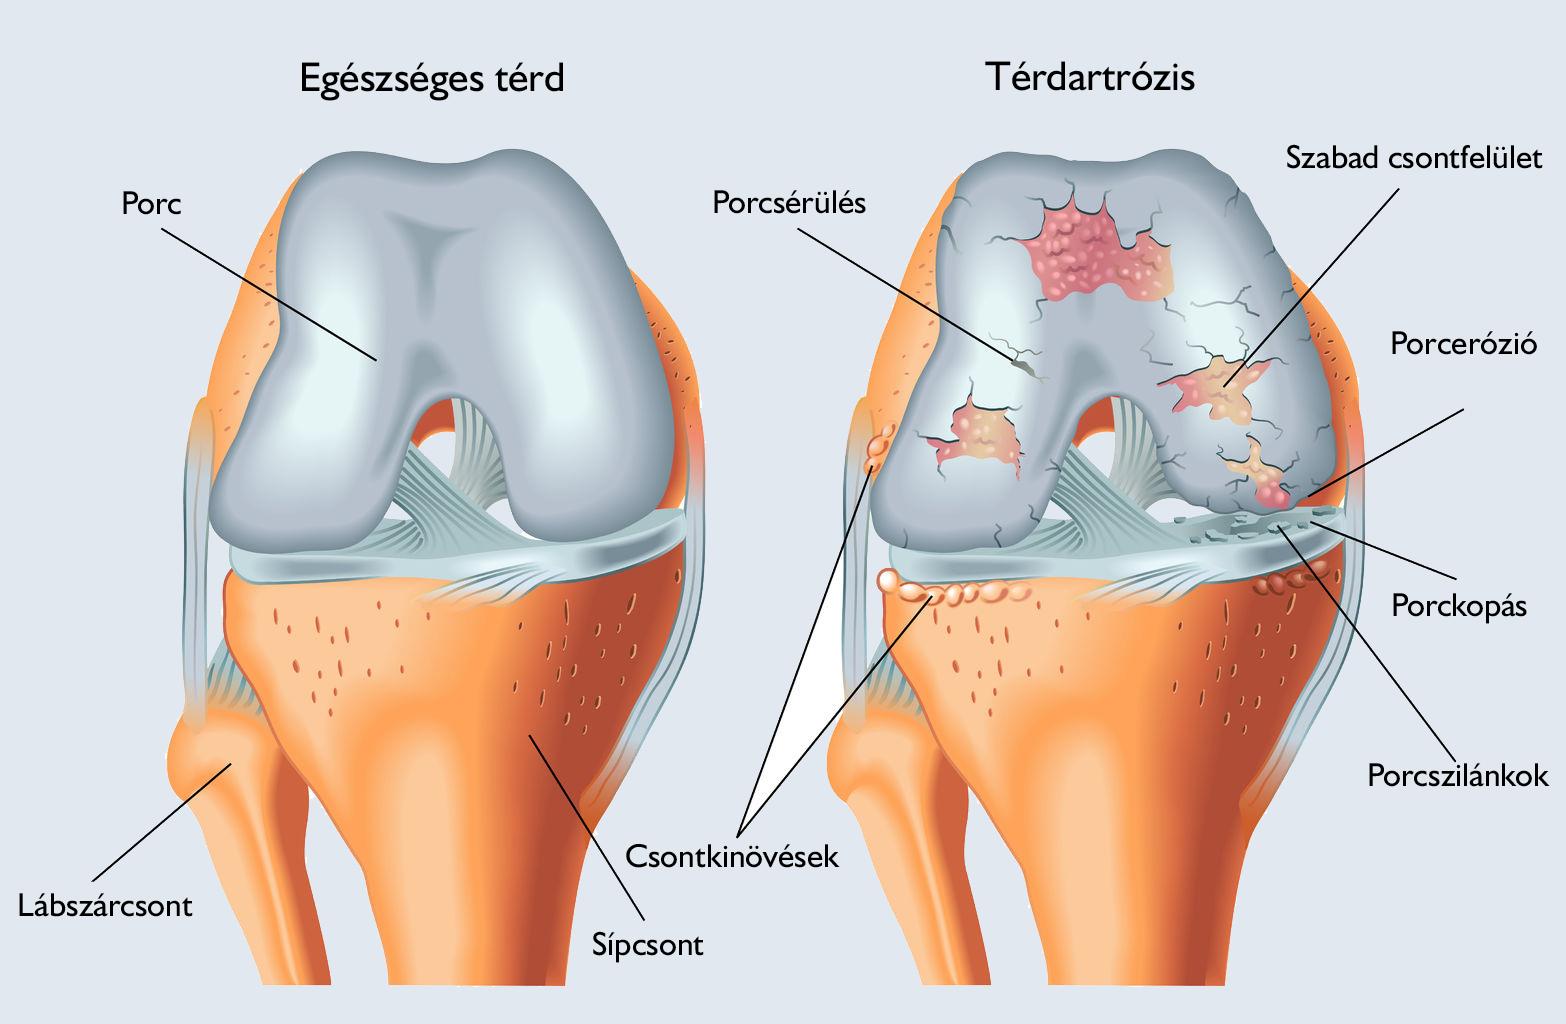 Meniszkusz-sérülés: amit a rettegett térdízületi problémáról tudni kell